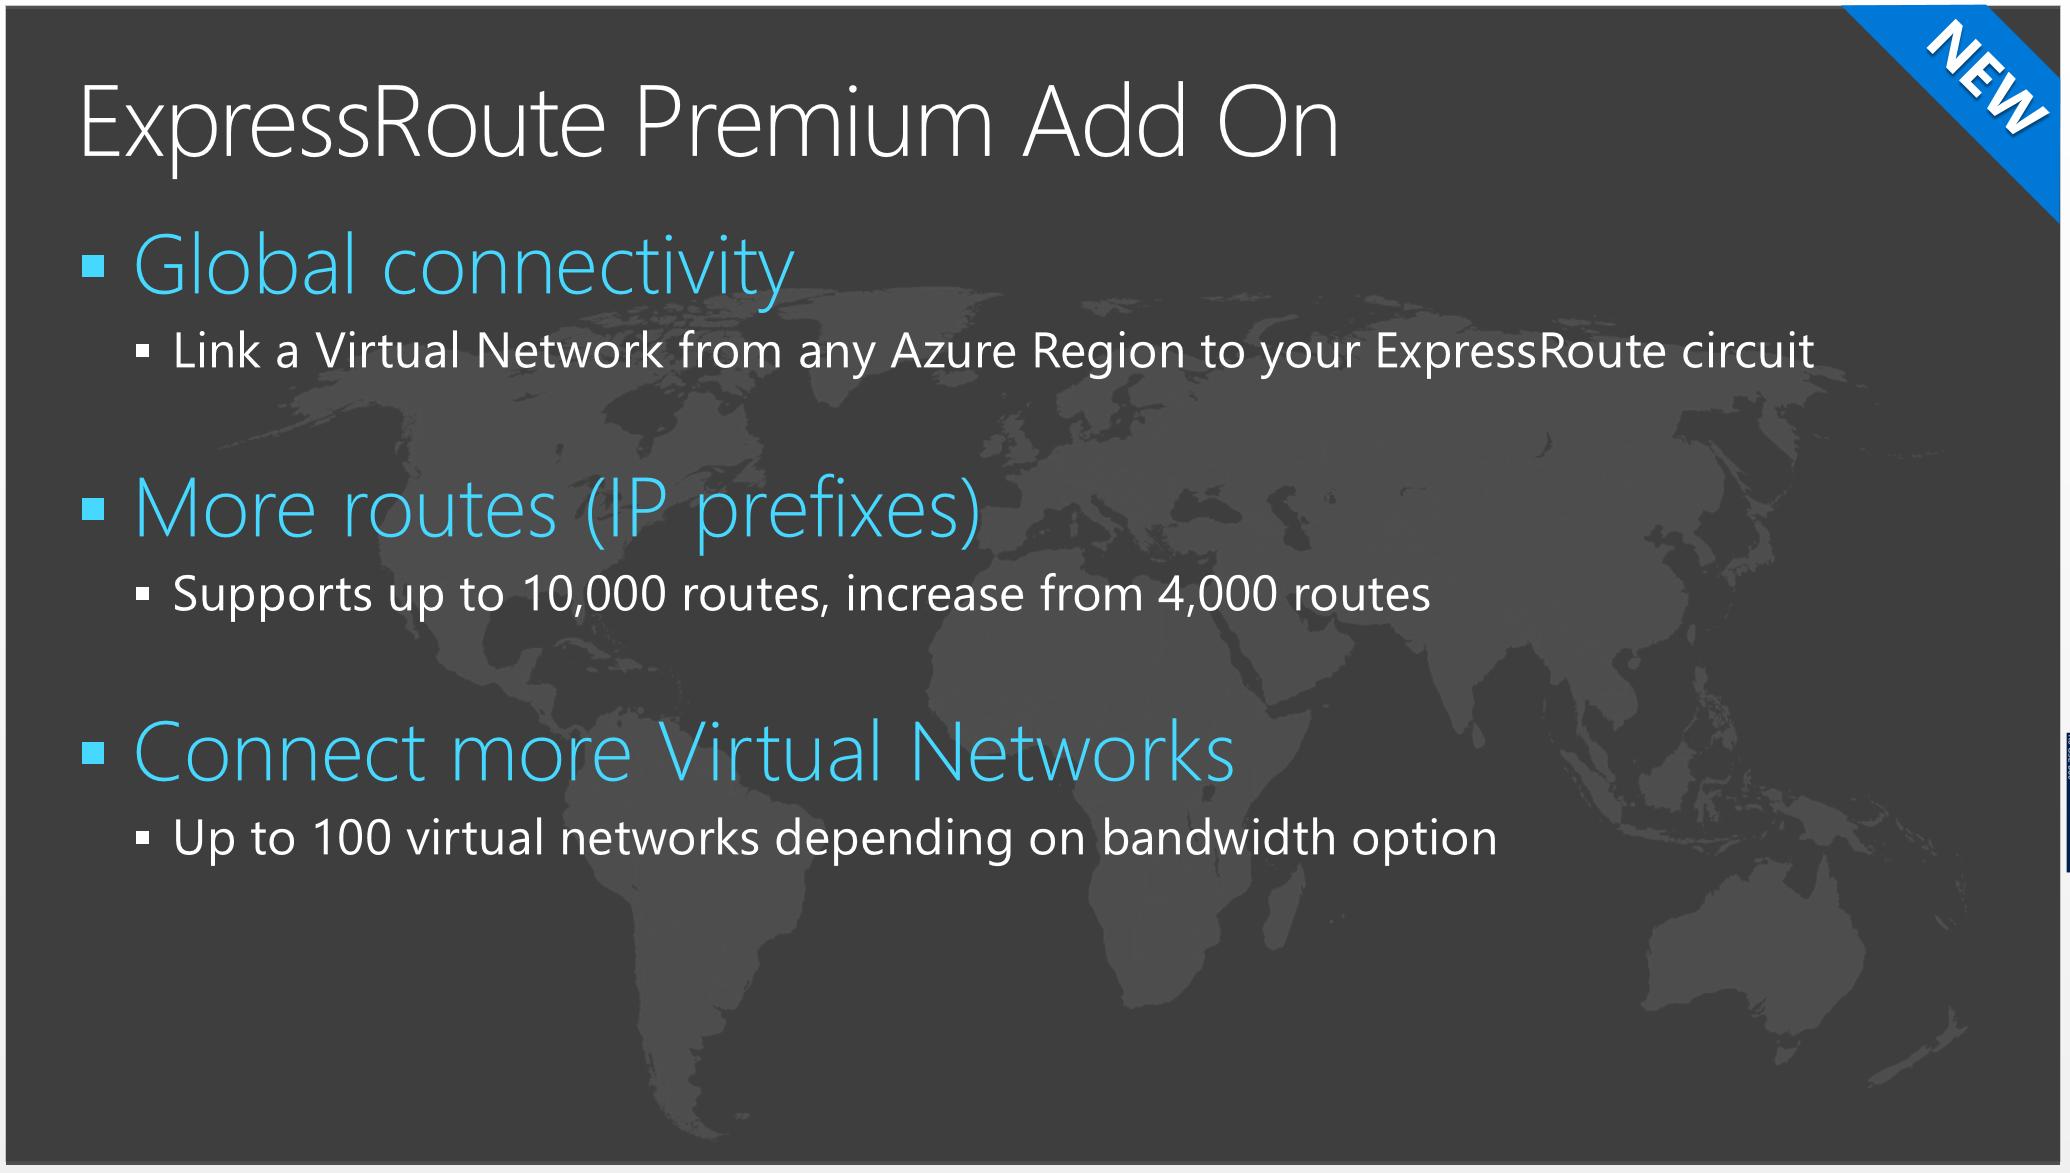 ExpressRoute Premium